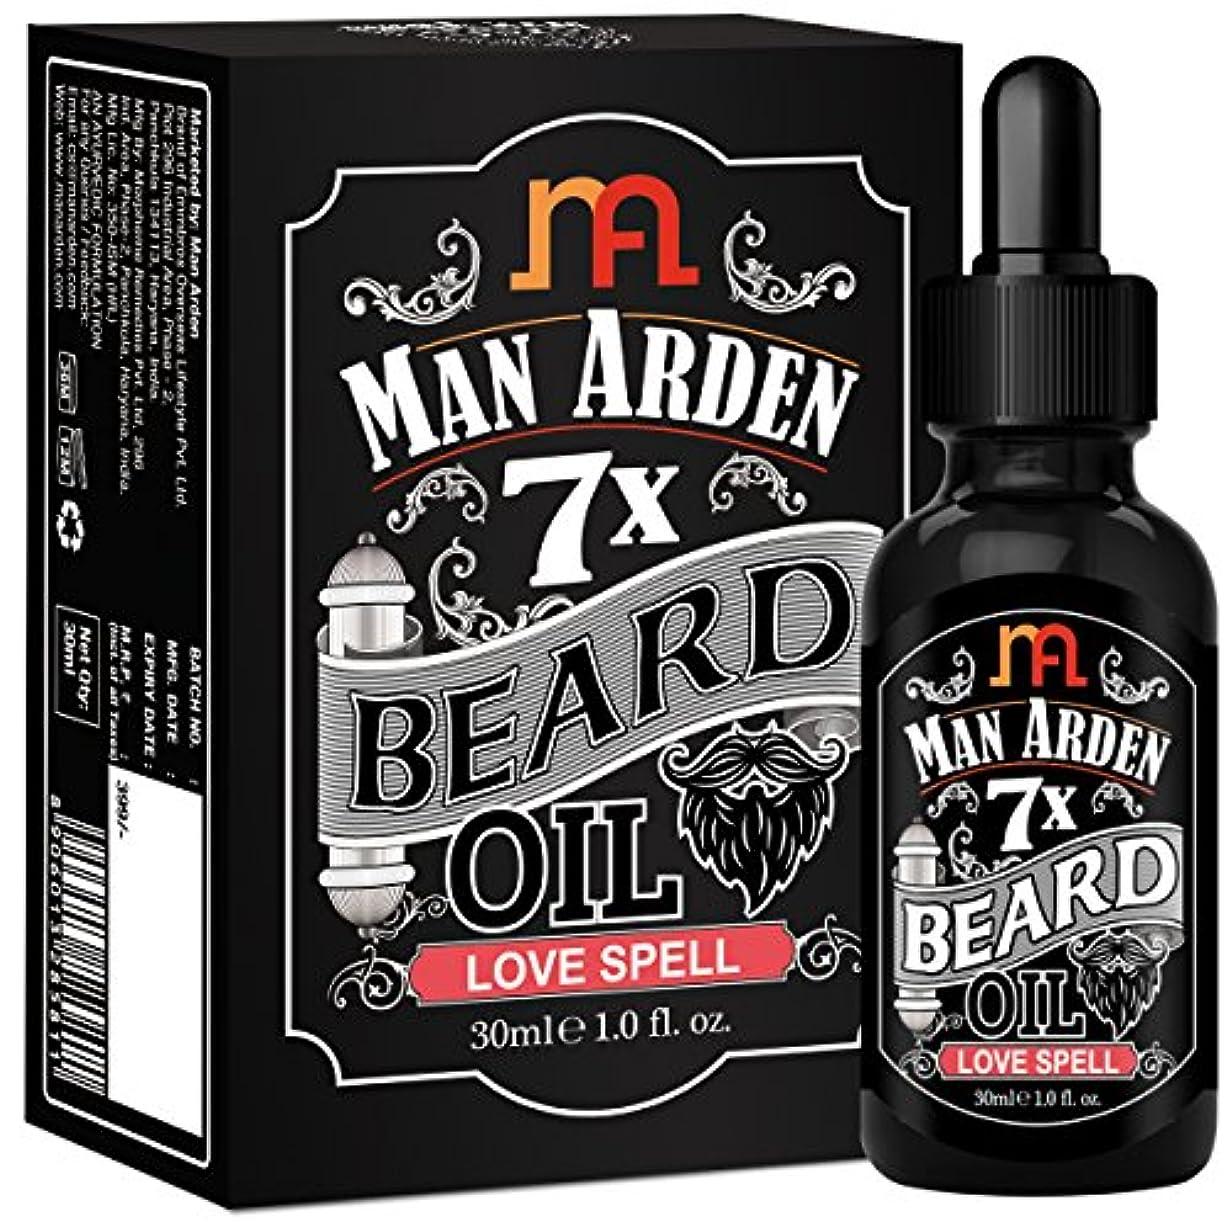 配偶者貞買い物に行くMan Arden 7X Beard Oil 30ml (Love Spell) - 7 Premium Oils Blend For Beard Growth & Nourishment